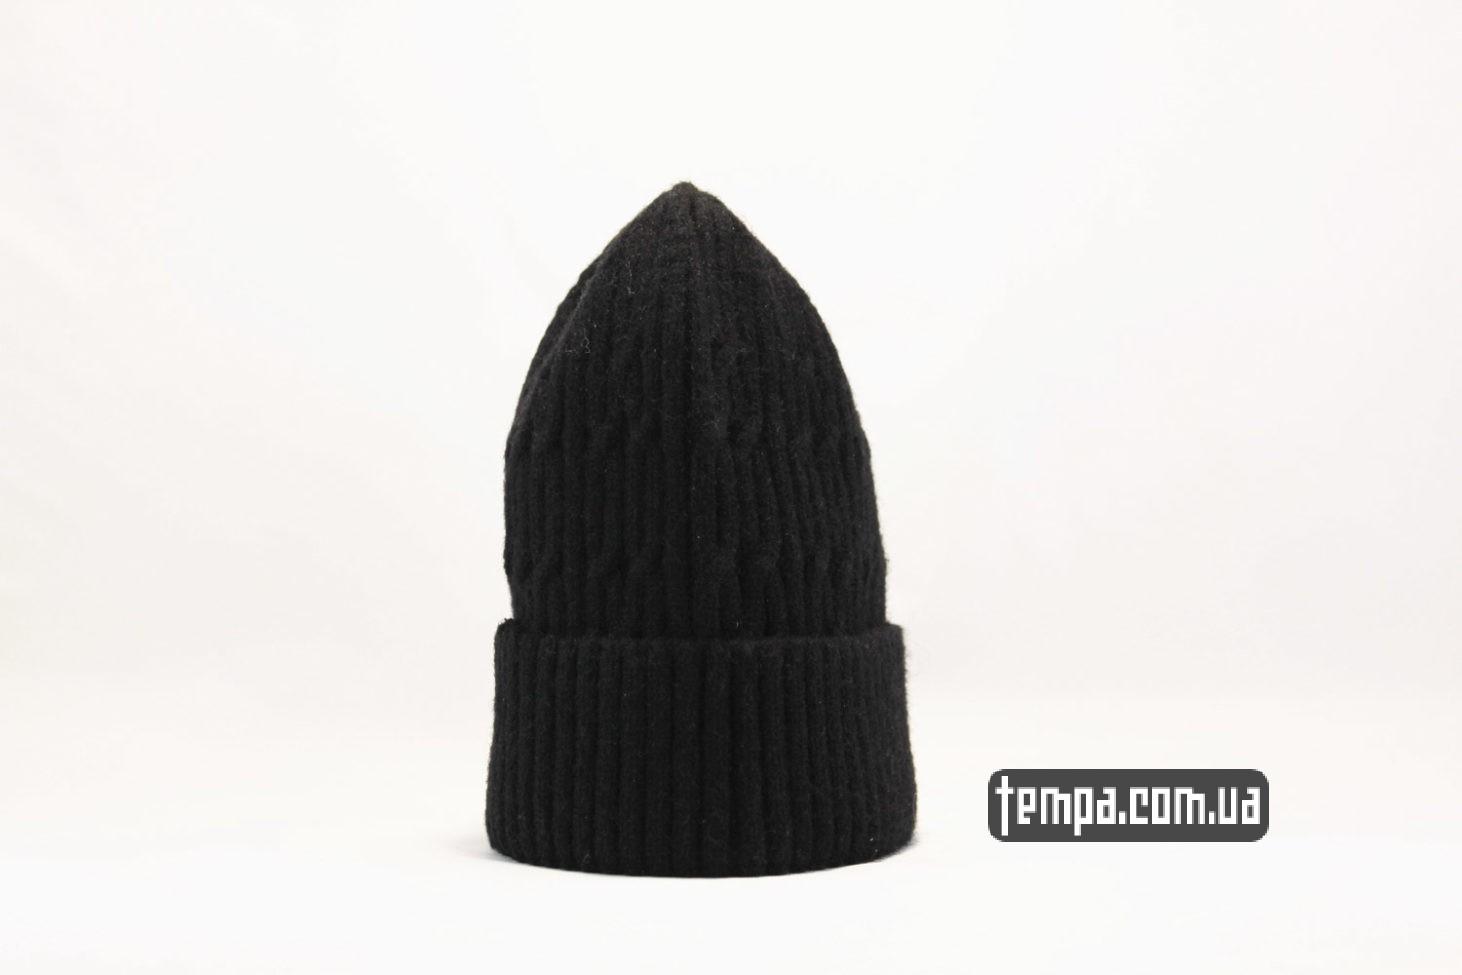 бини магазин шапка beanie ADIDAS ORIGINALS черная купить